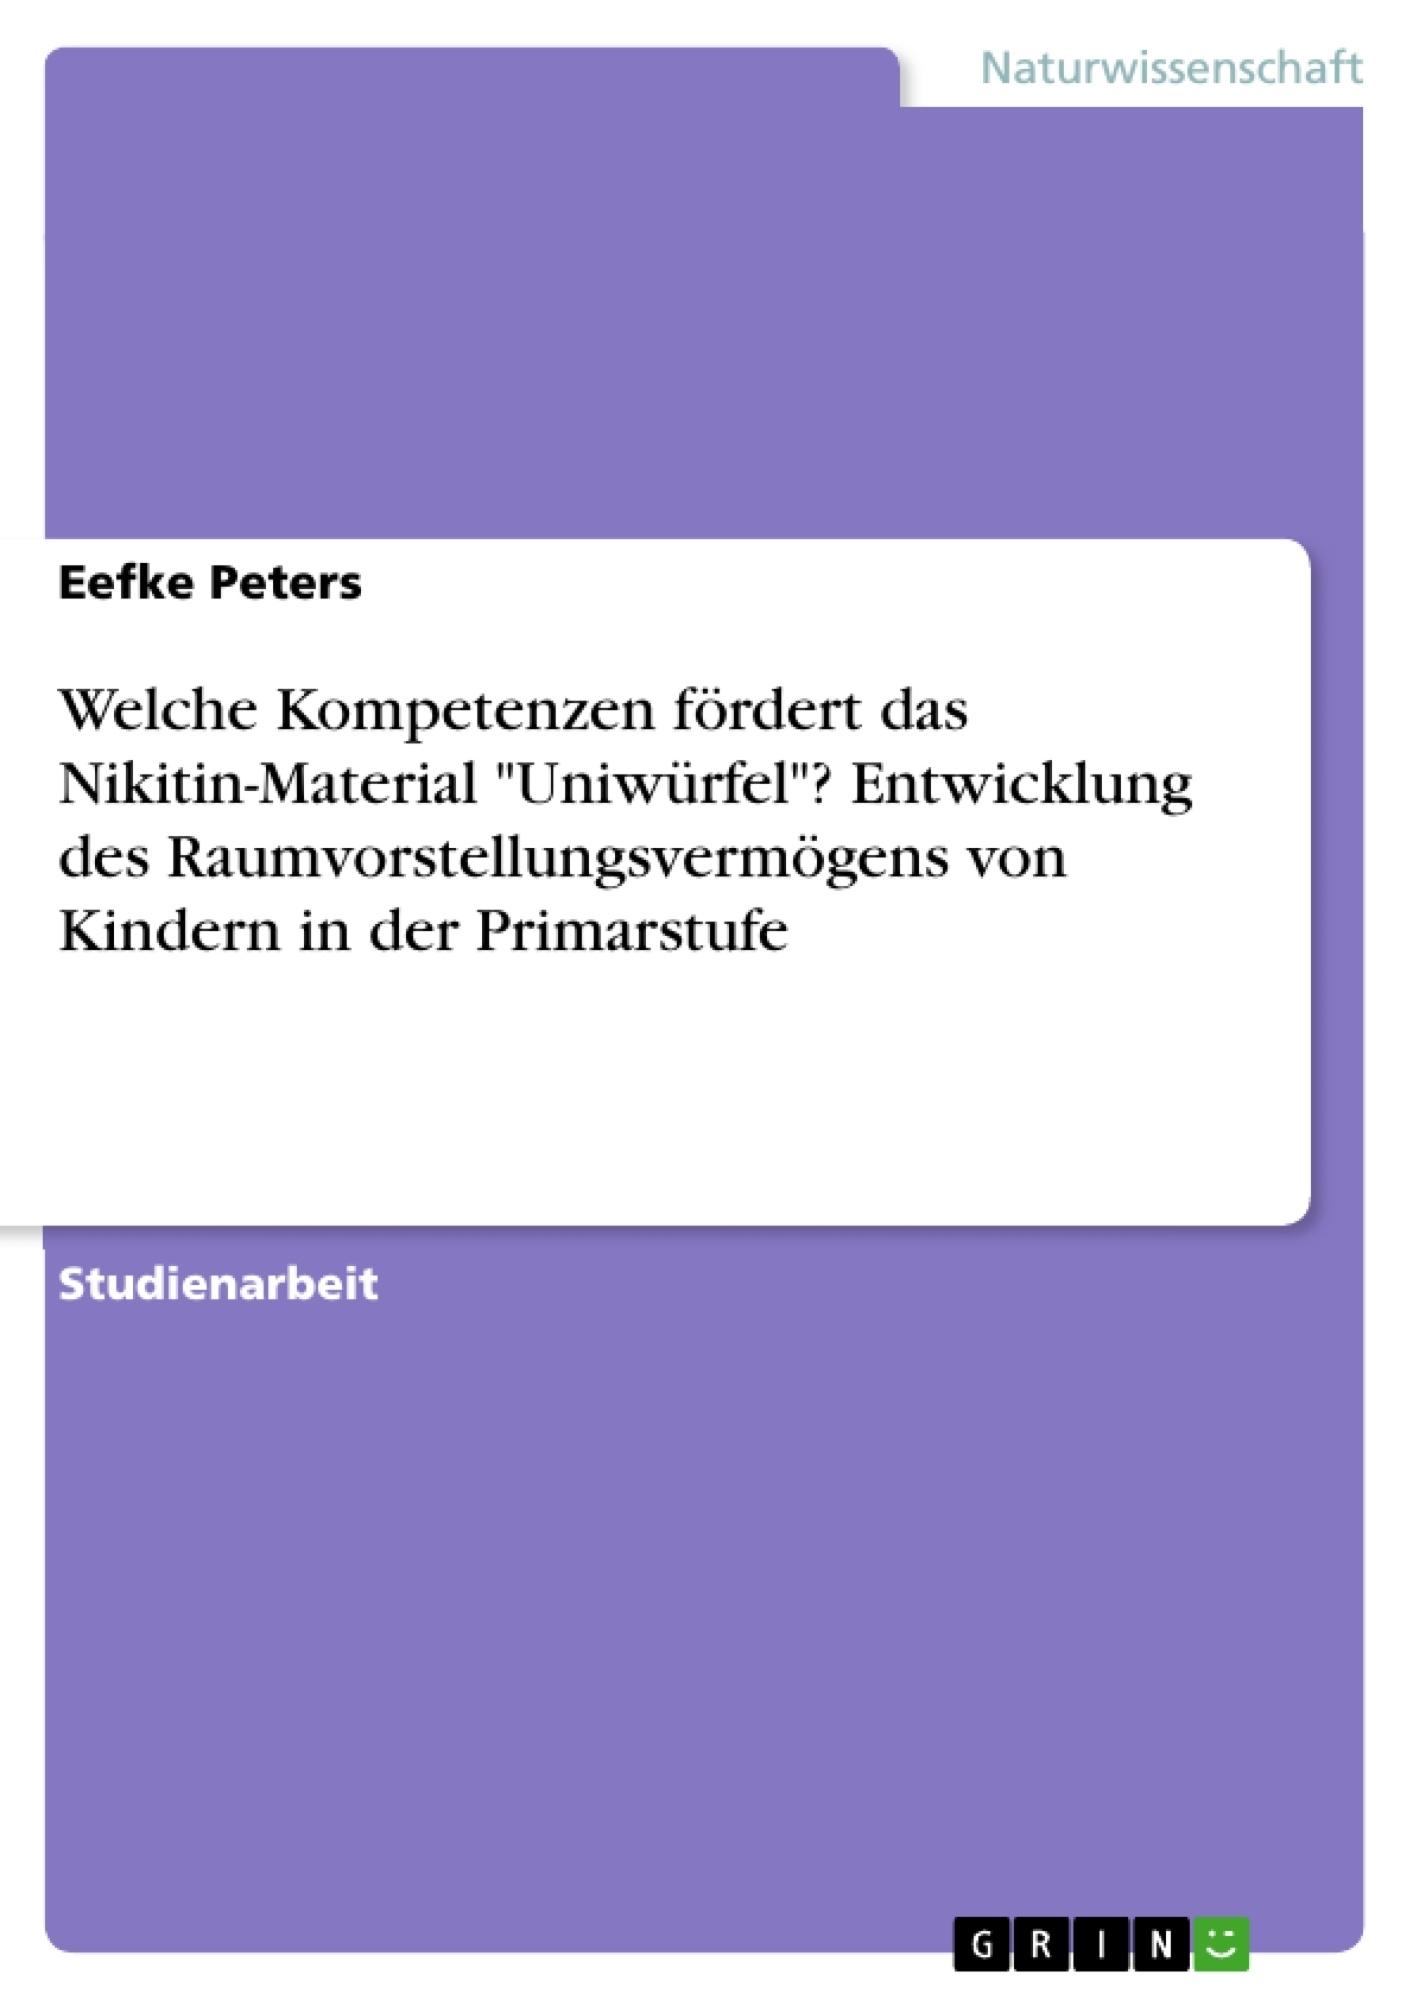 """Titel: Welche Kompetenzen fördert das Nikitin-Material """"Uniwürfel""""? Entwicklung des Raumvorstellungsvermögens von Kindern in der Primarstufe"""